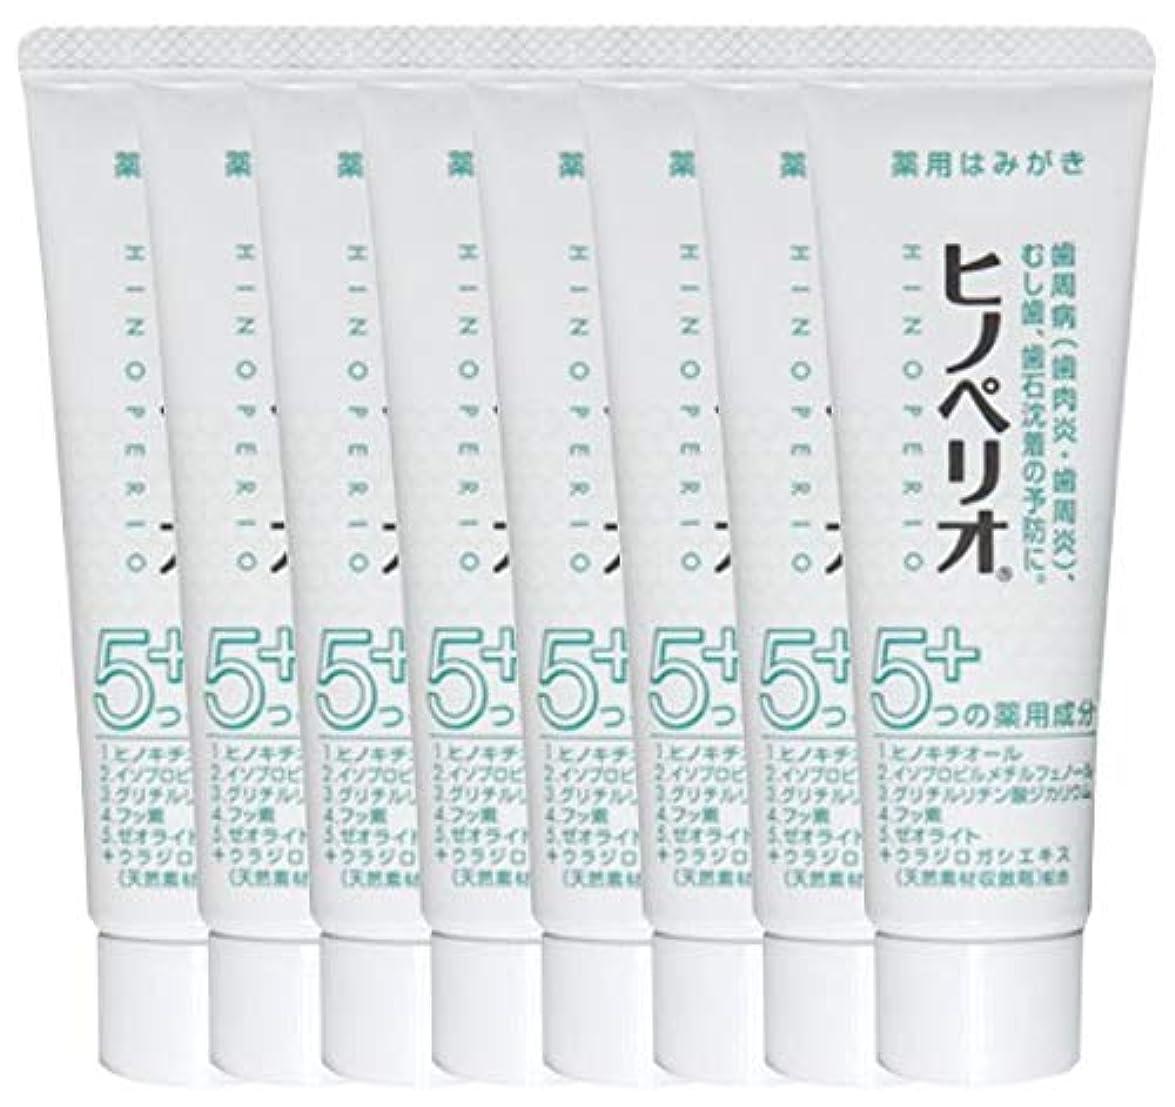 発見する店員驚いたことに昭和薬品 ヒノペリオ60g 医薬部外品 × 8本